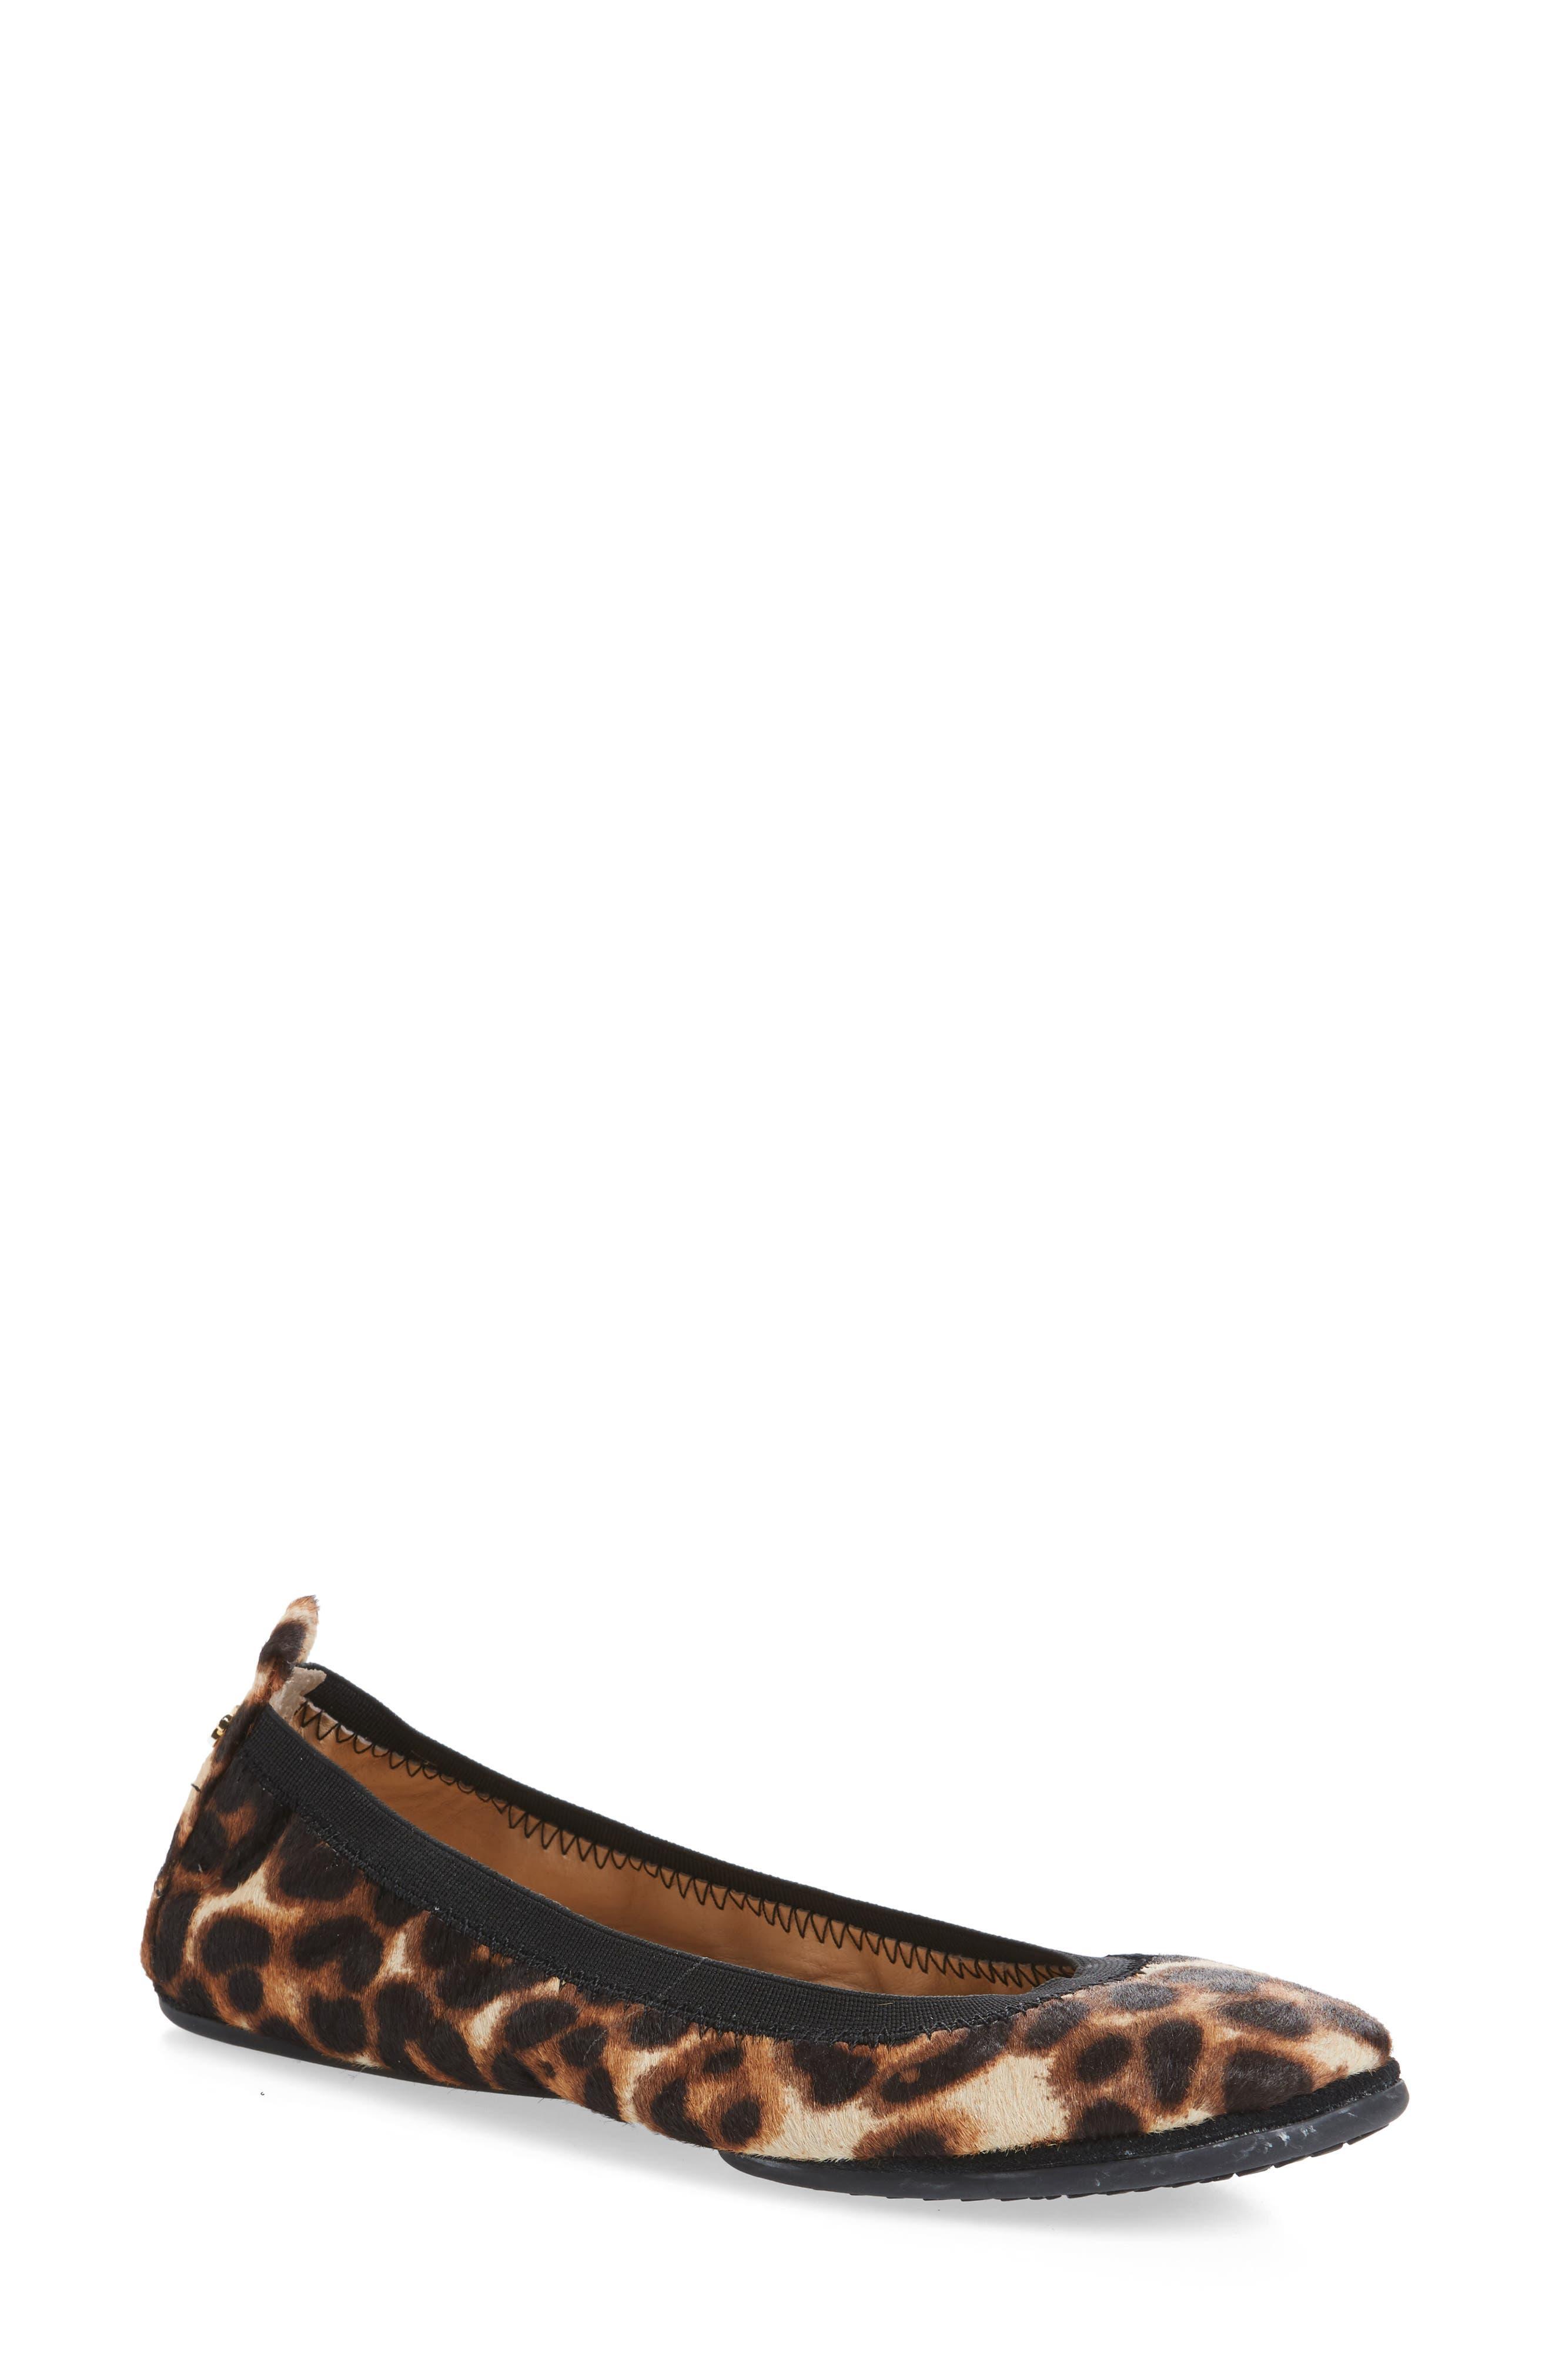 Samara Foldable Ballet Flat,                             Main thumbnail 1, color,                             Natural Leopard Calf Hair